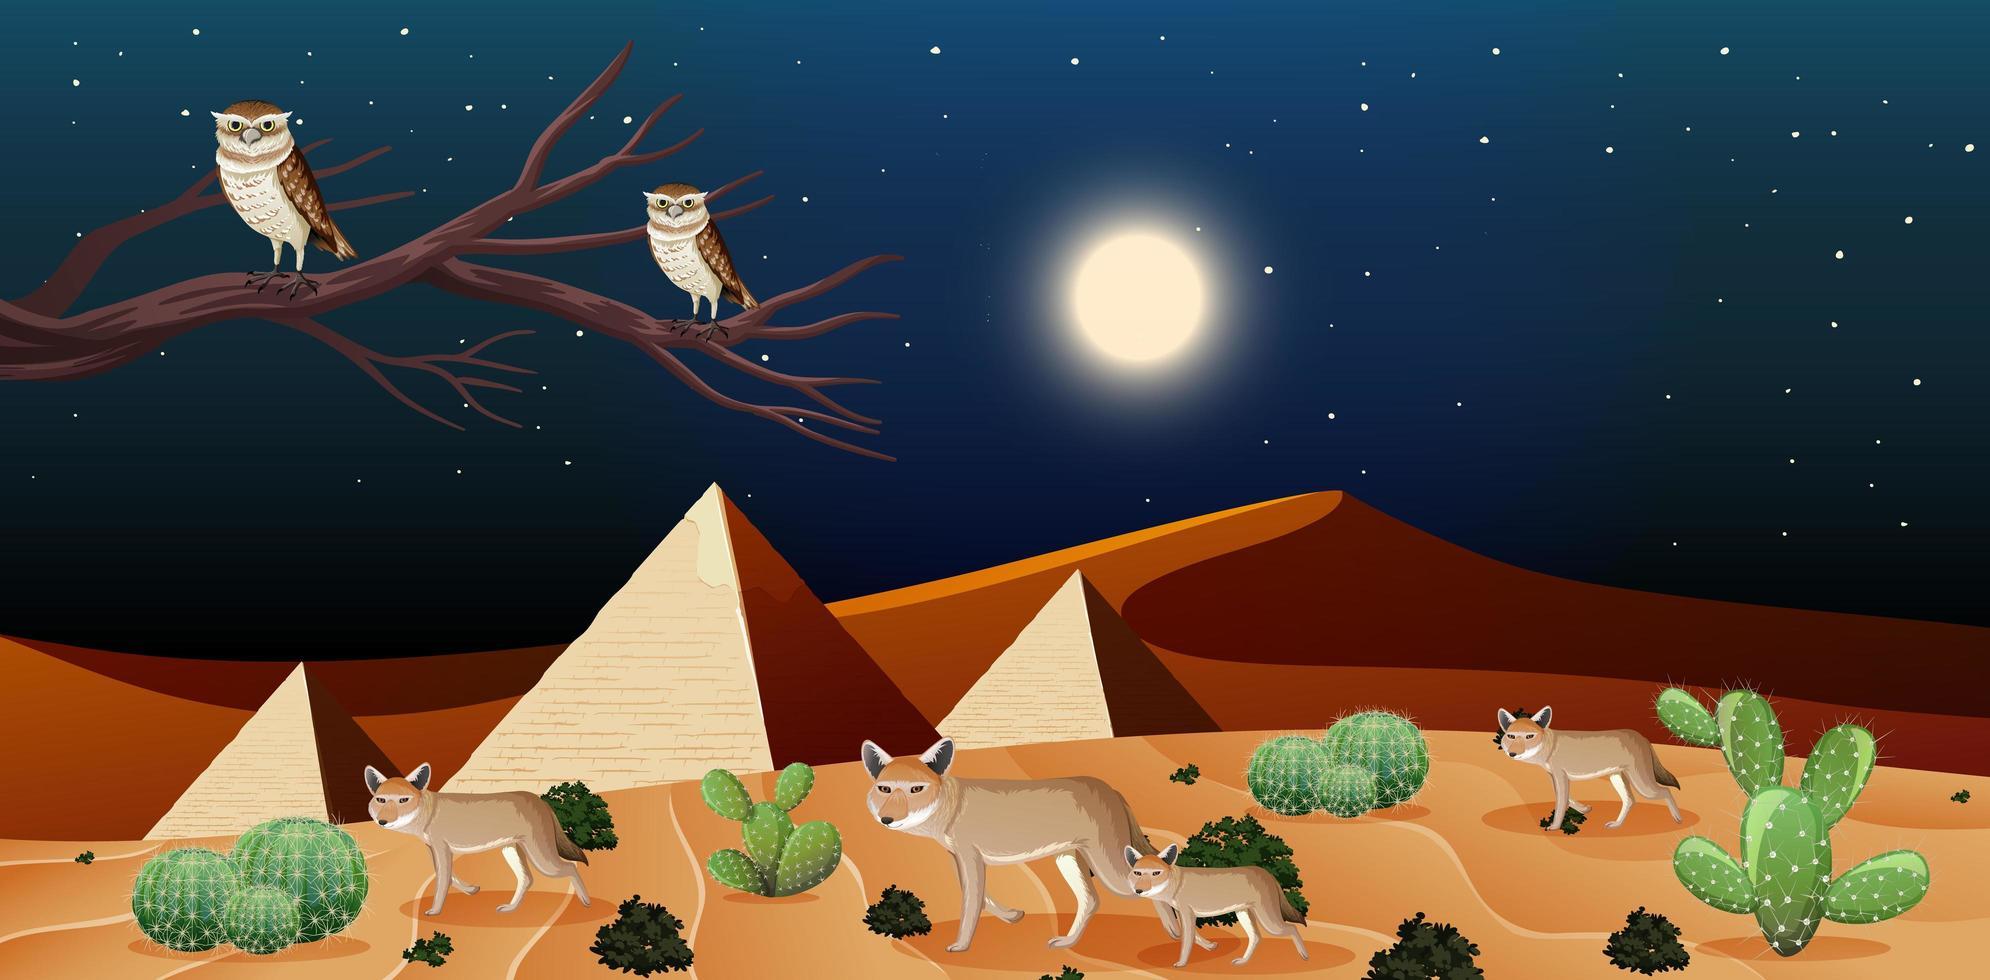 vilda ökenlandskap på nattplats med pyramider vektor